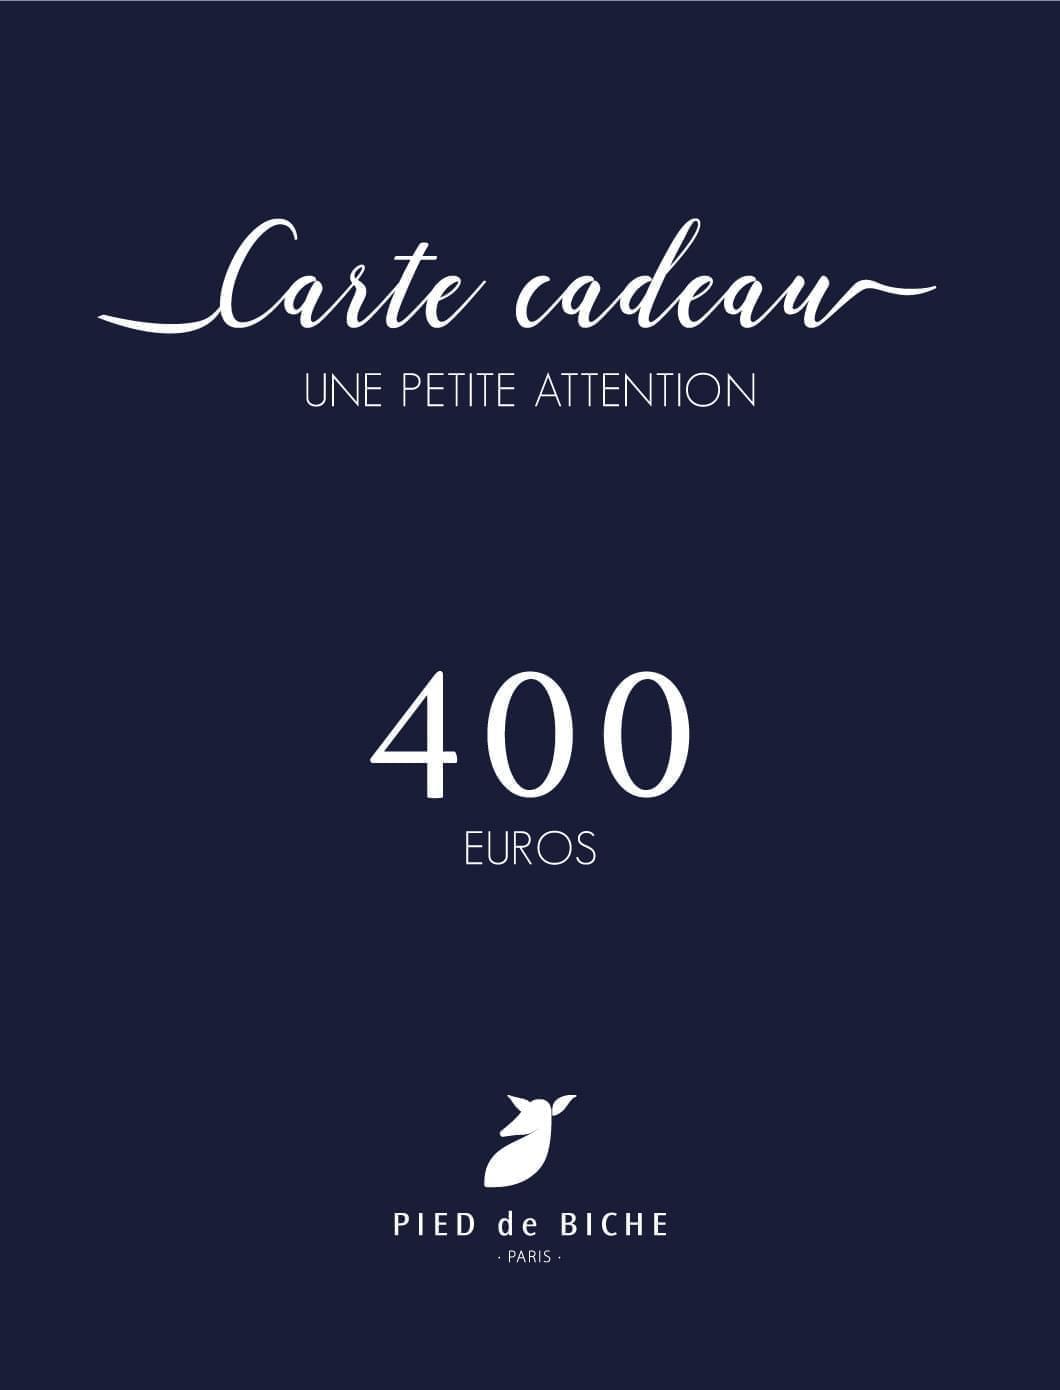 Carte cadeau 400 euros